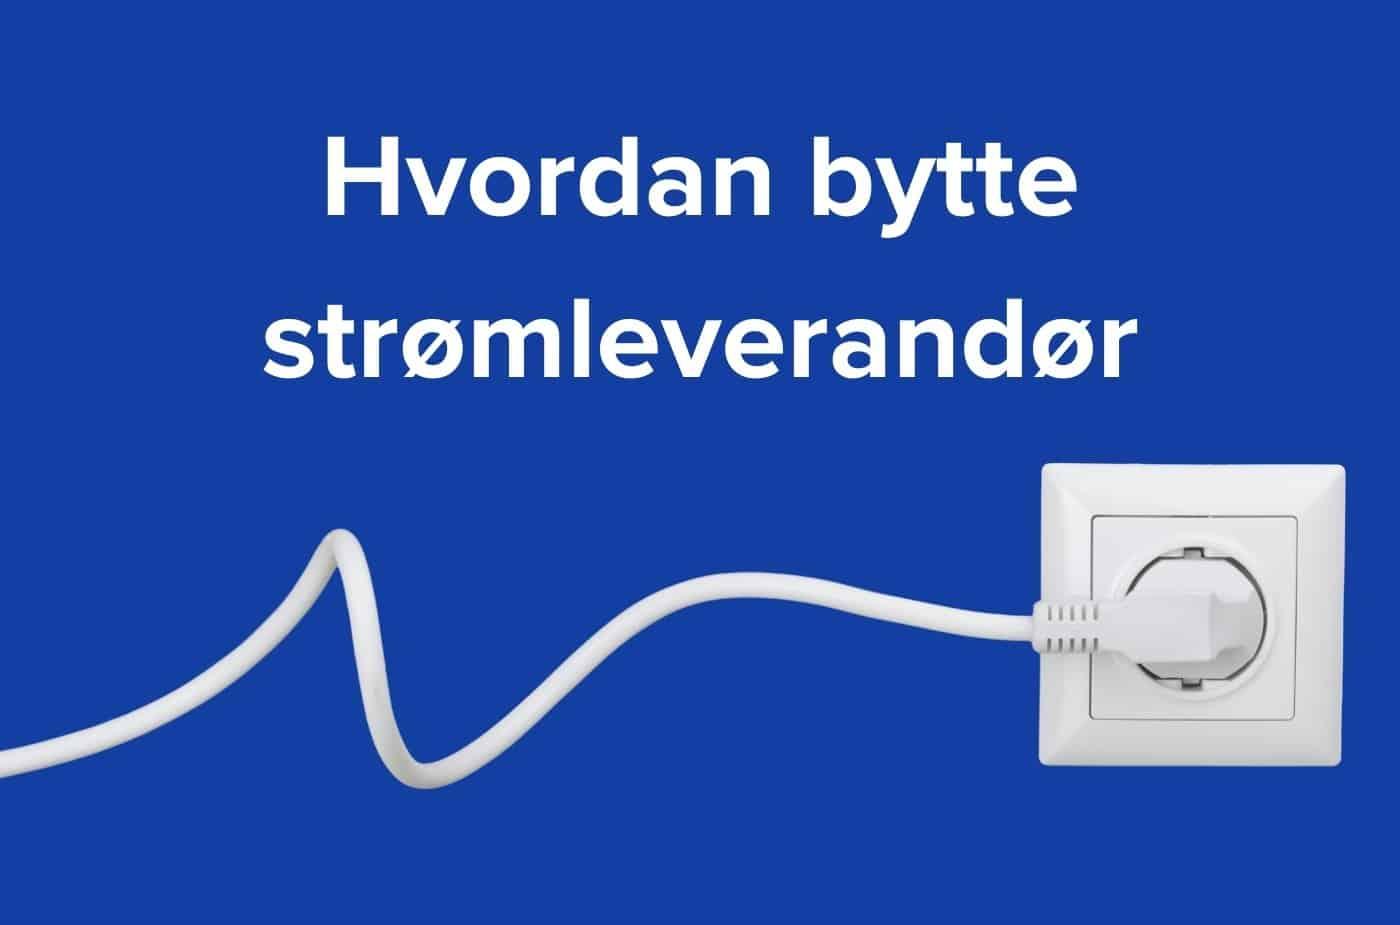 Stikkontakt på blå bakgrunn og hvit tekst med hvordan bytte strømleverandør